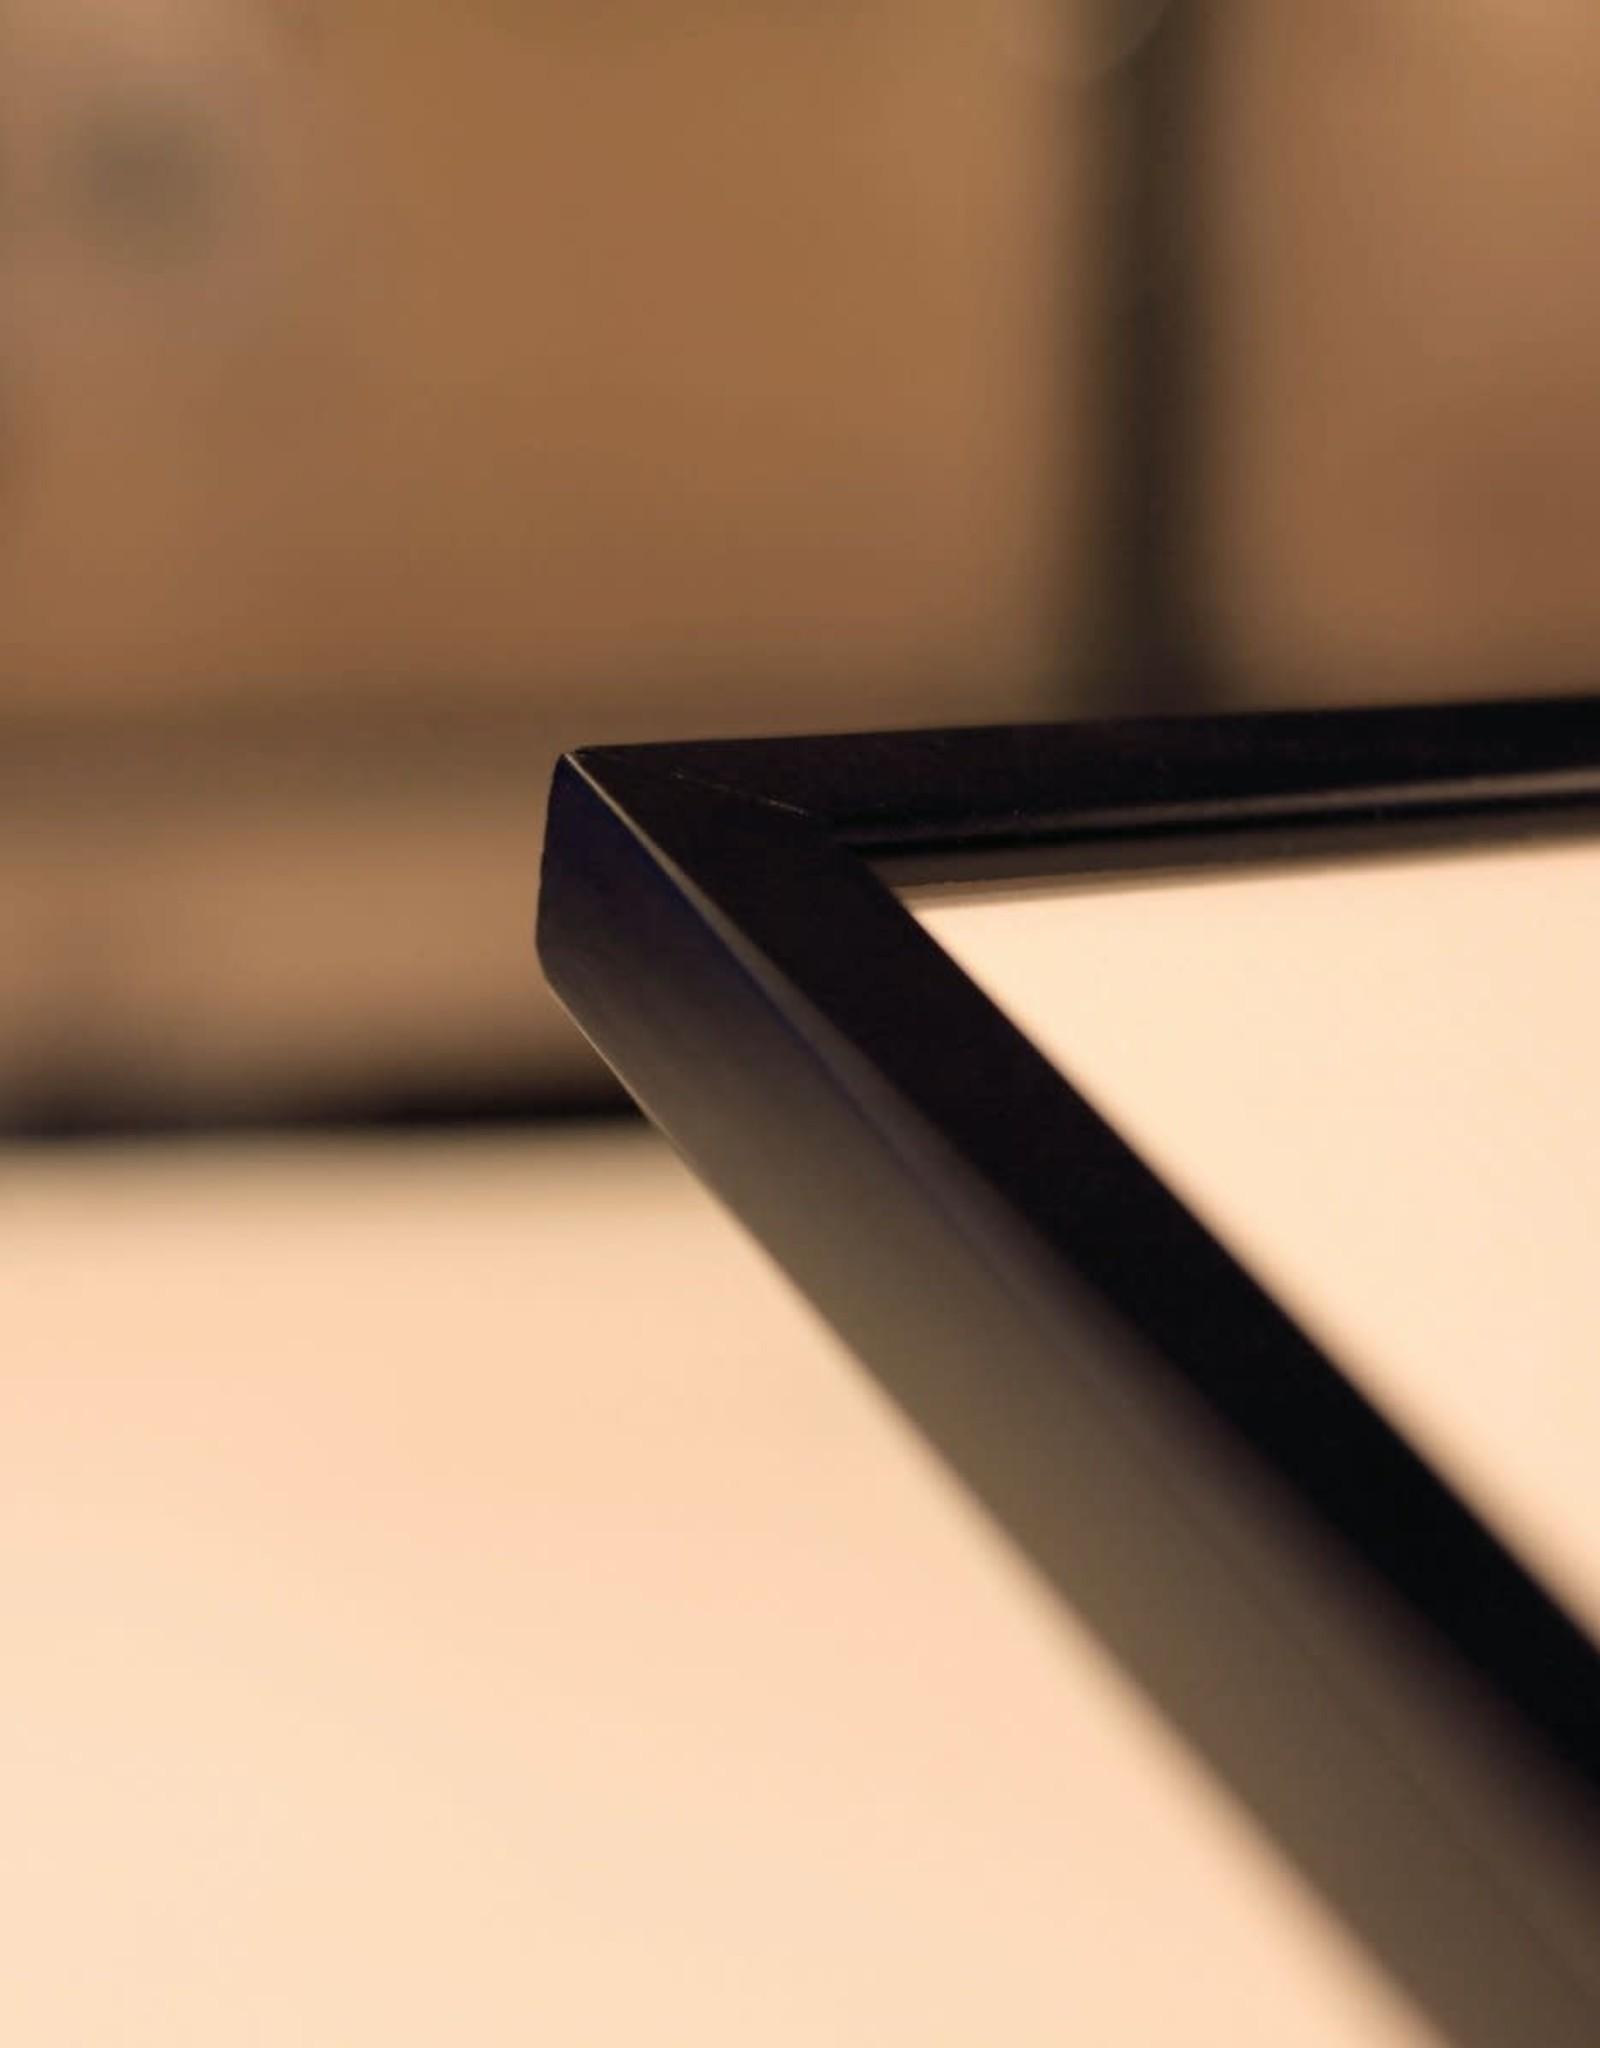 The Dybdahl & Co Black Frame - 15 x 21 cm